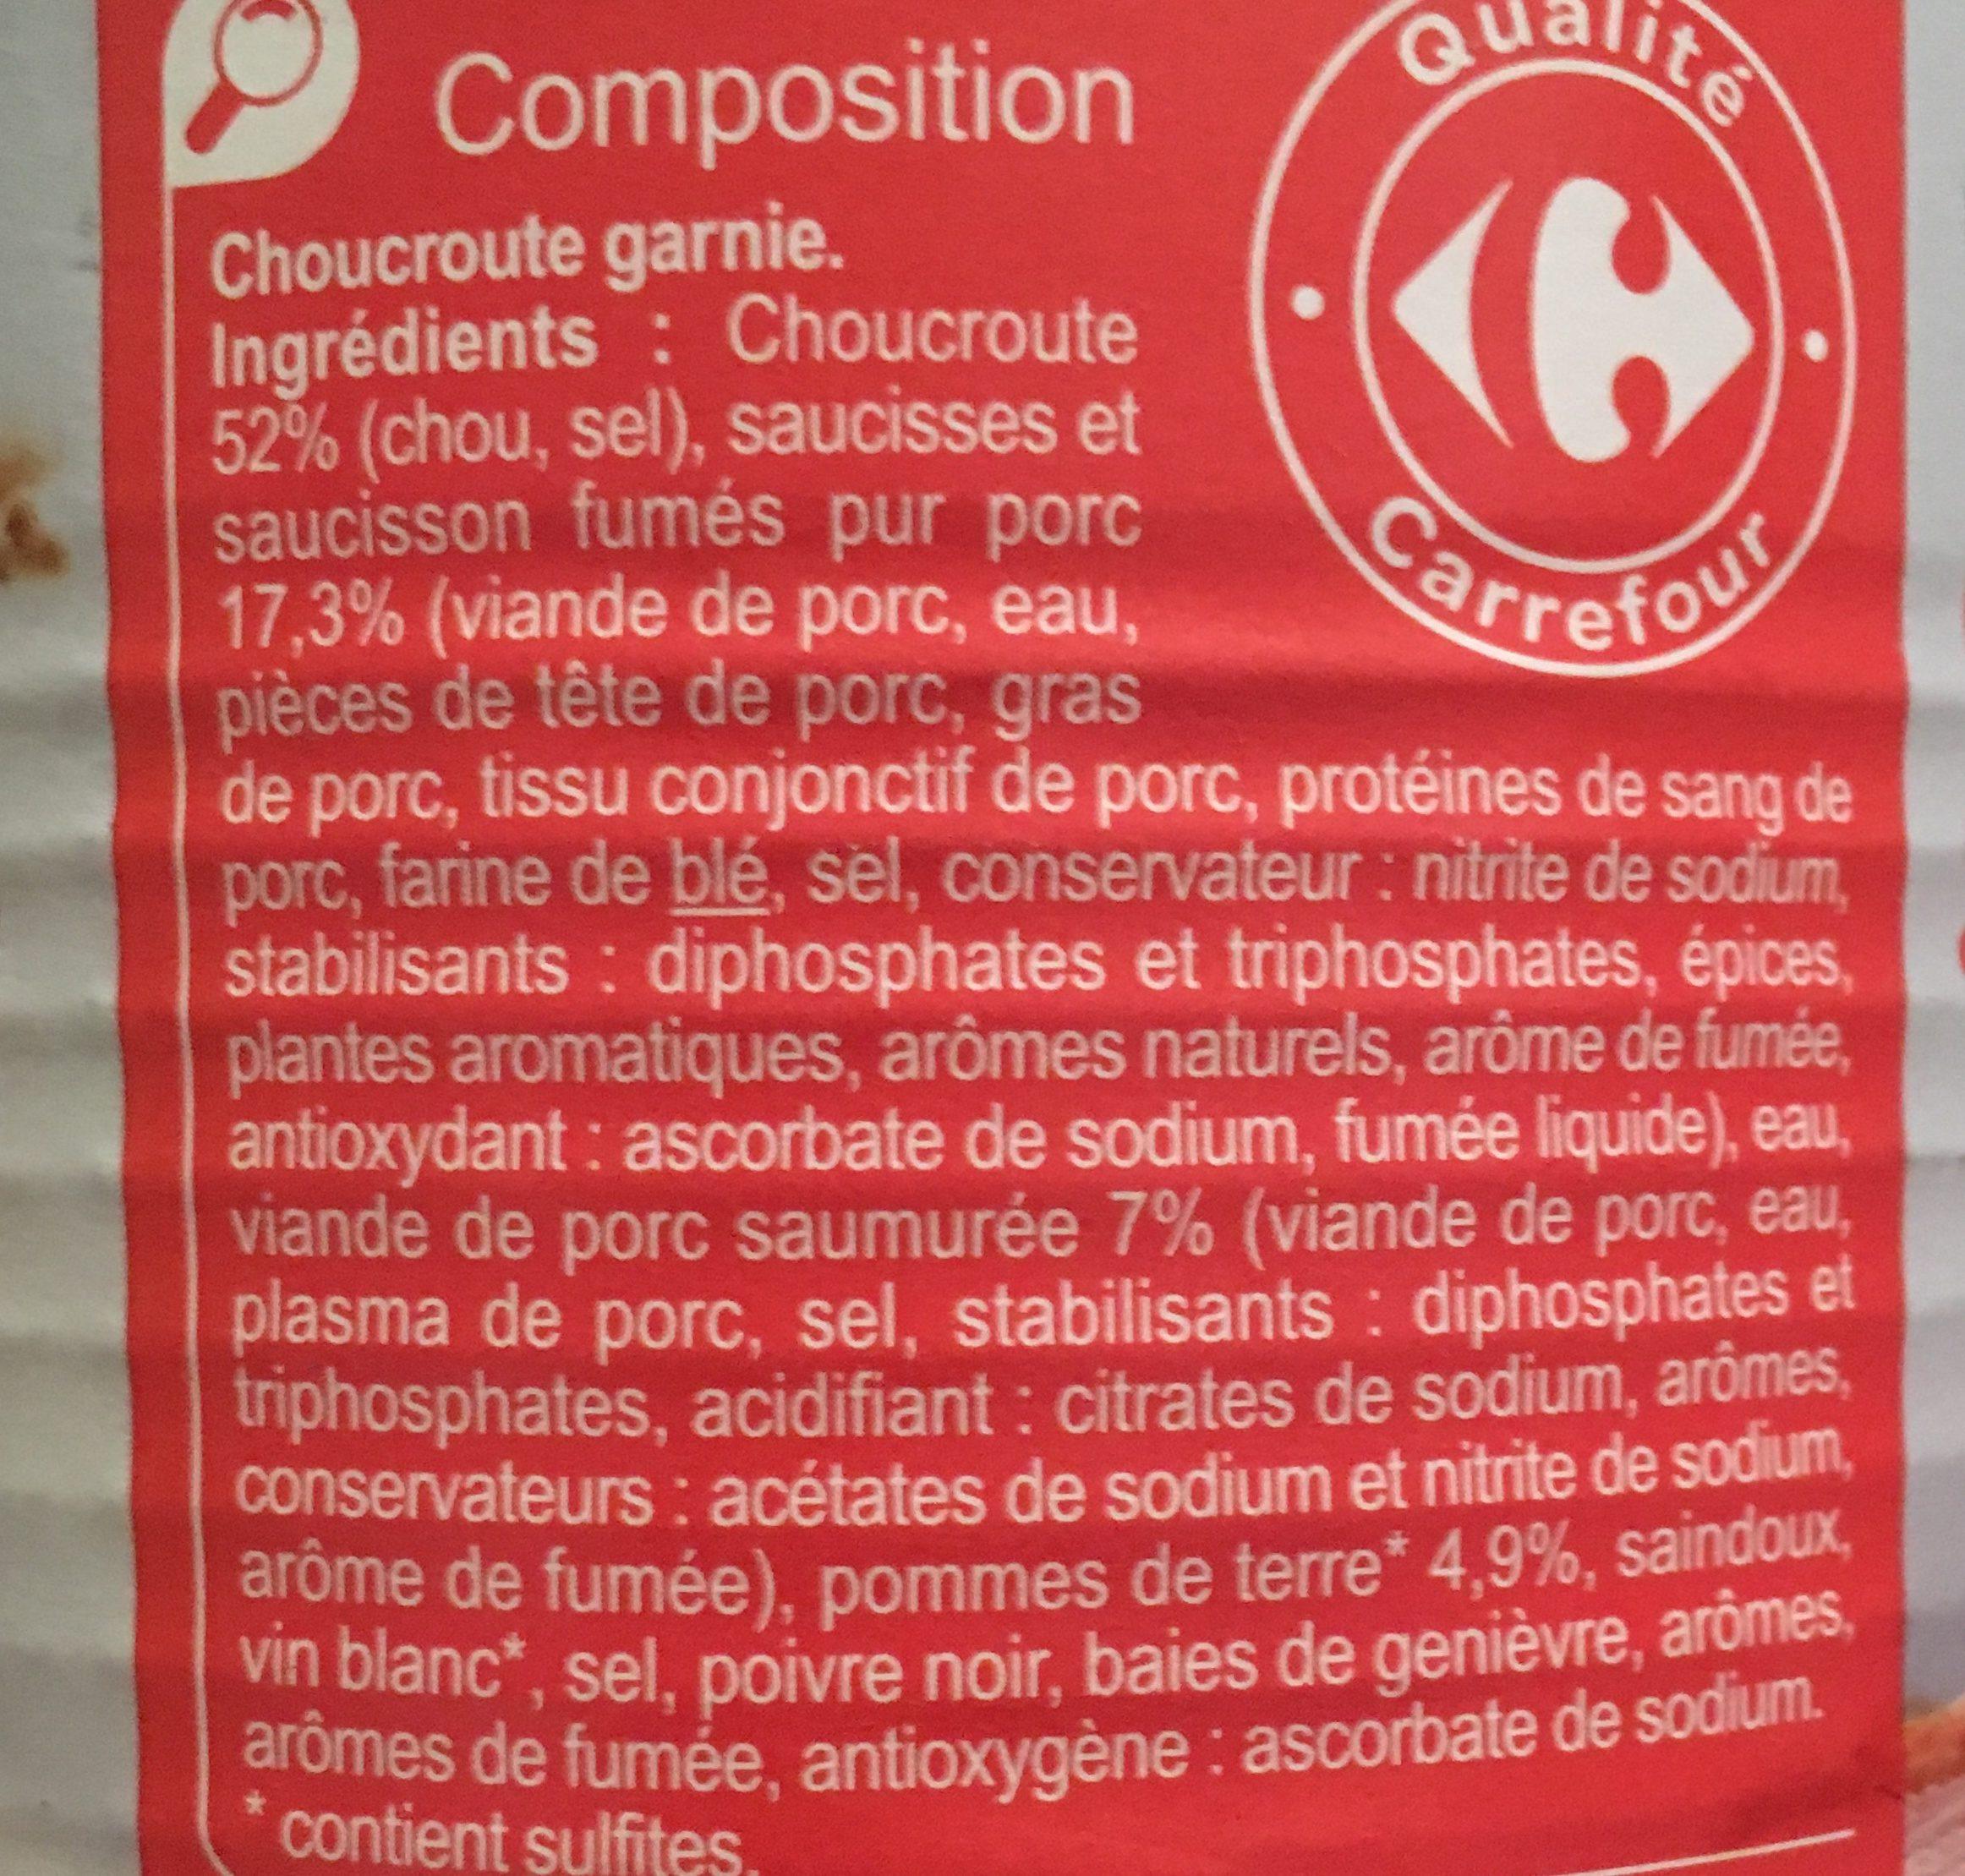 Choucroute garnie Pur Porc - Ingrédients - fr